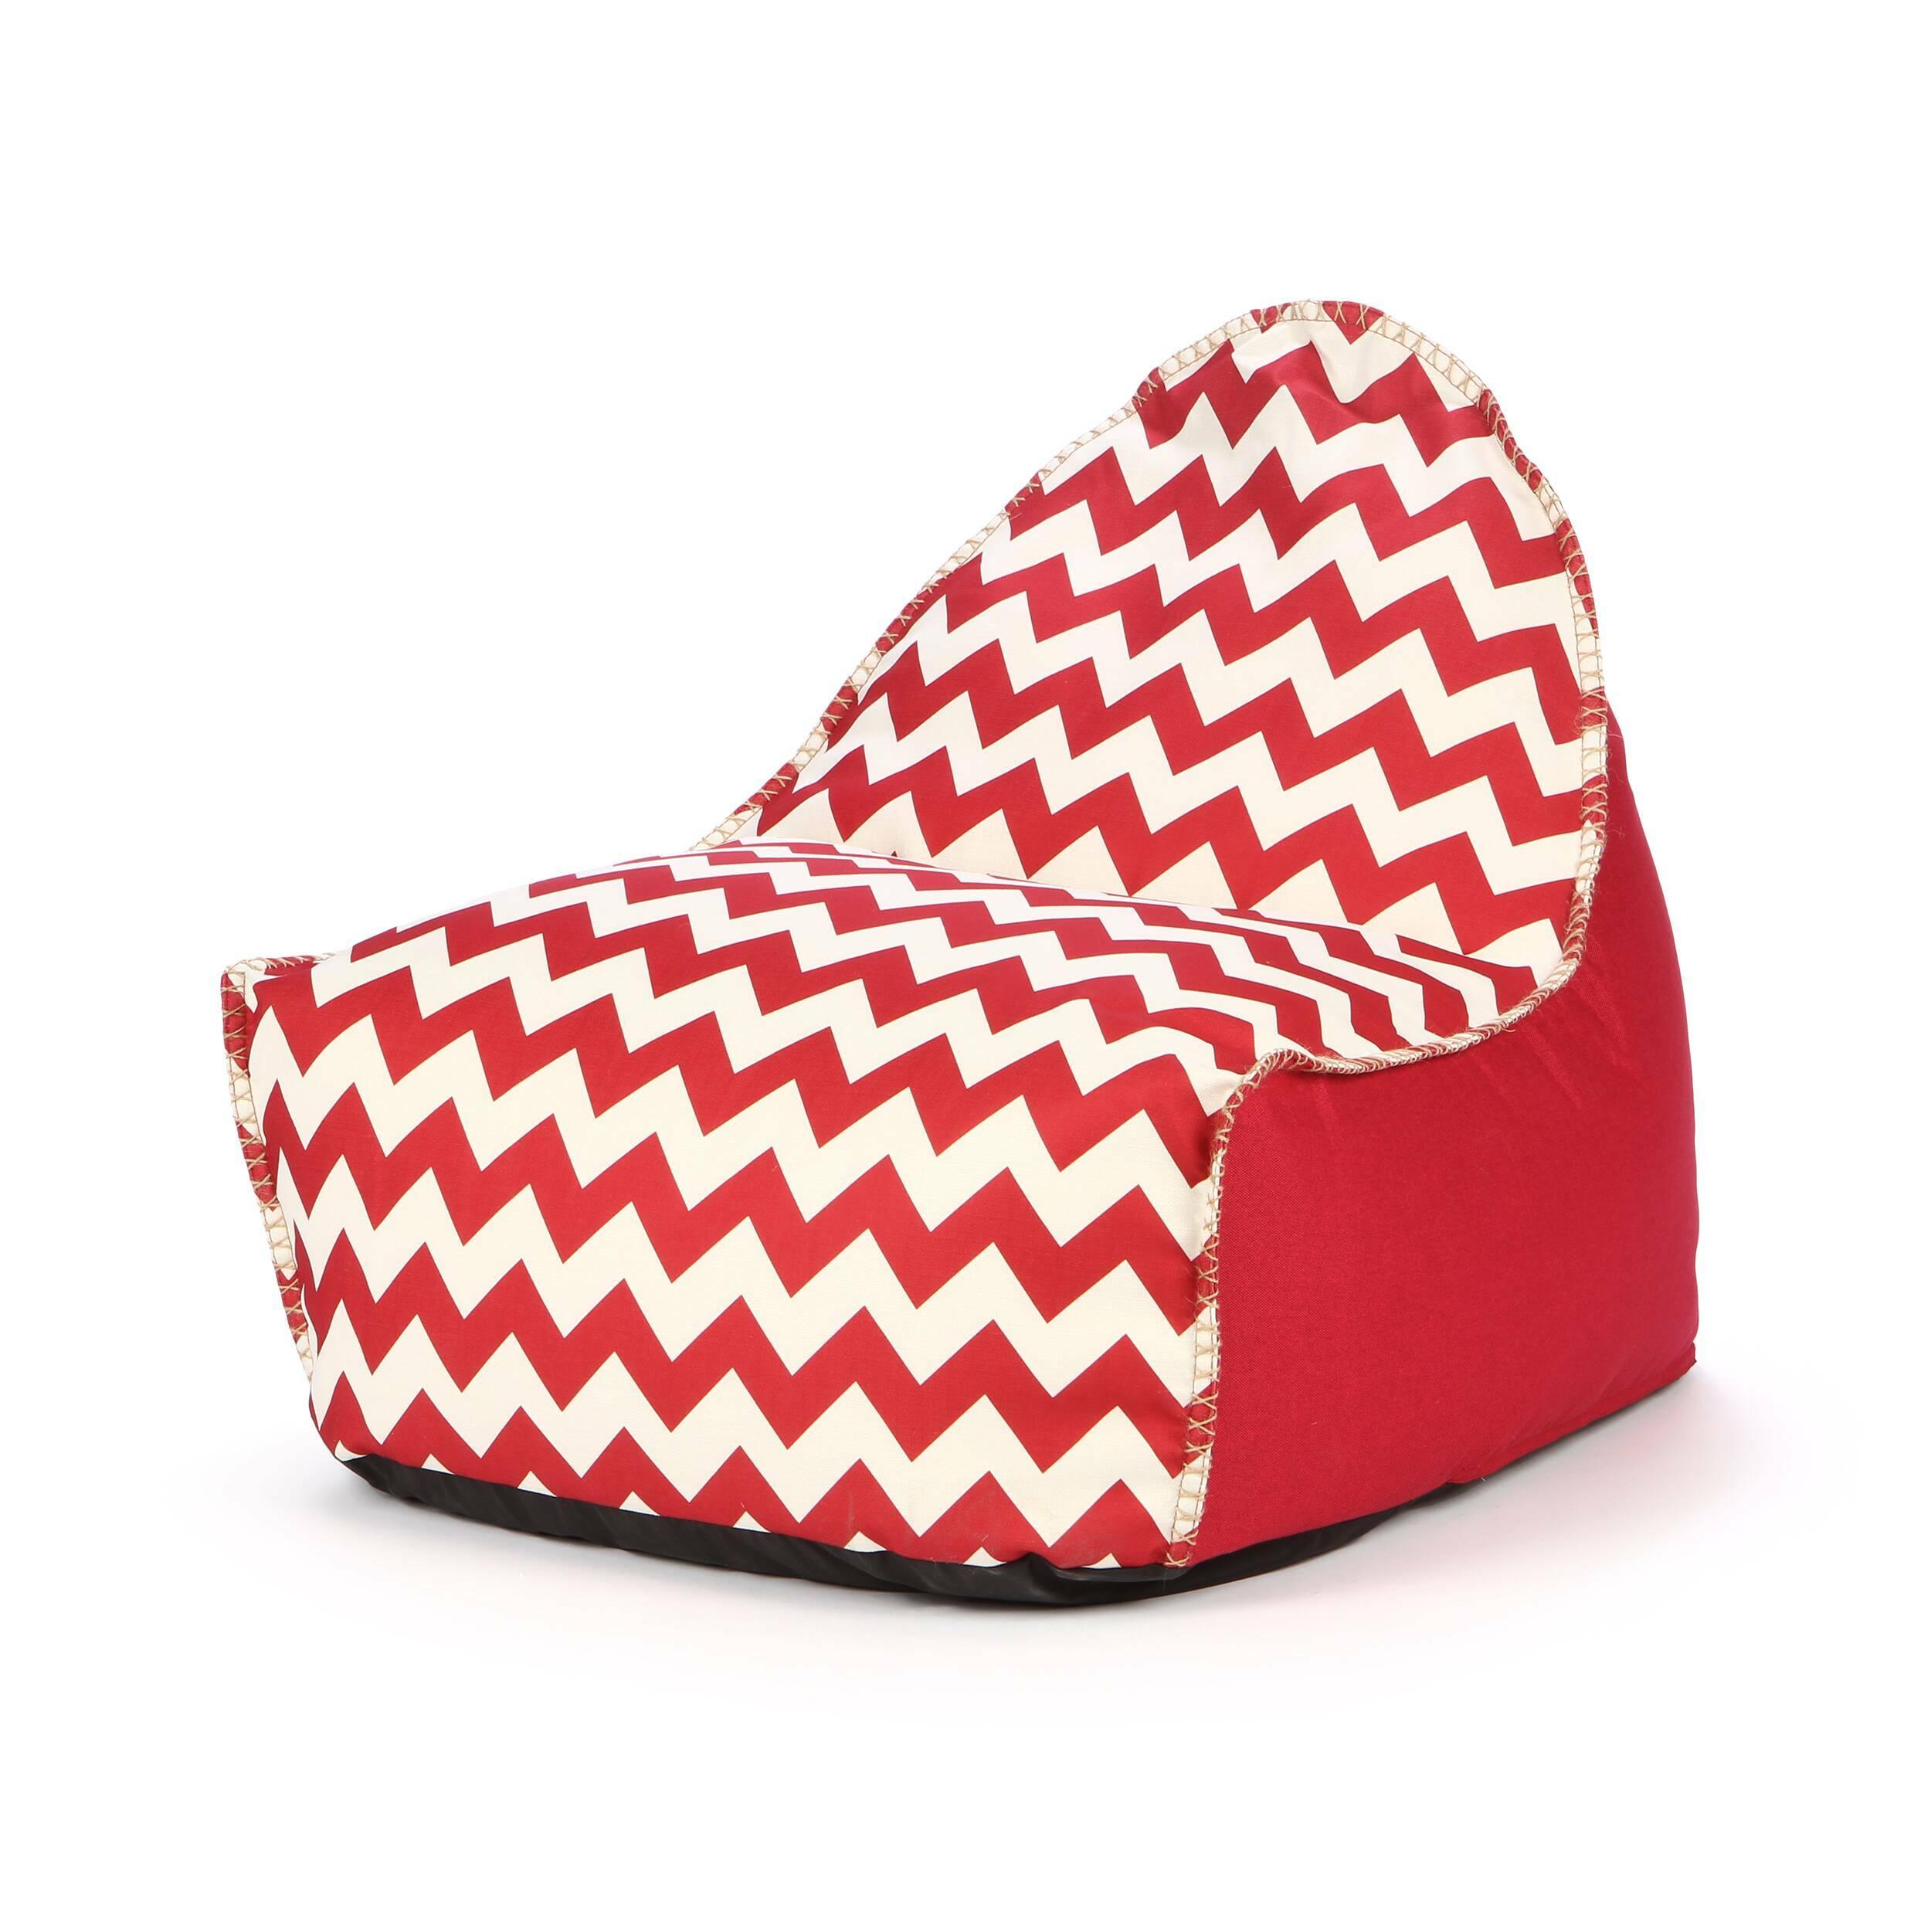 Кресло бескаркасное TuileriesИнтерьерные<br>Дизайнерское большое яркое бескаркасное кресло Tuileries (Тулериз) от Lazy Life Paris (Лэзи Лайф Пэрис).<br><br><br> Кресло бескаркасное Tuileries — это замечательная пара для одноименного пуфика, созданного известным брендом Lazy Life Paris. Компания особенно славится своей широкой коллекцией бескаркасной мягкой мебели, которая так тепло и уютно смотрится в любой домашней комнате. Кресло Tuileries имеет весьма внушительные размеры в ширину, благодаря чему отдых в нем особенно приятный и расслабл...<br><br>stock: 0<br>Высота: 70<br>Ширина: 80<br>Глубина: 90<br>Наполнитель: EPS наполнитель<br>Материал каркаса: Полиэстер<br>Тип материала каркаса: Ткань<br>Цвет каркаса: Красный